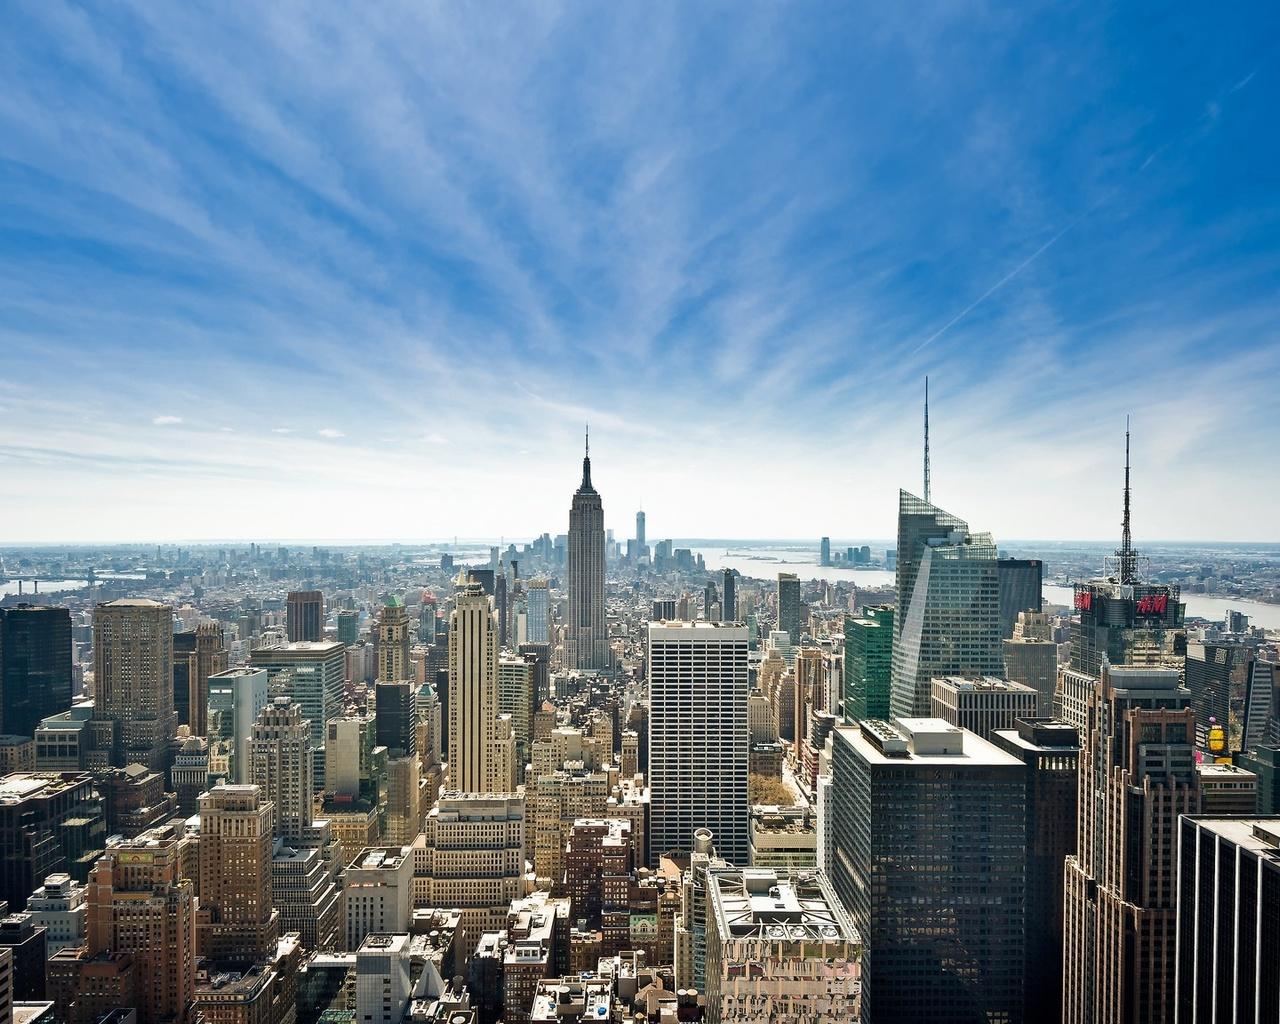 город, мегаполис, небоскрёбы, нью-йорк, сша